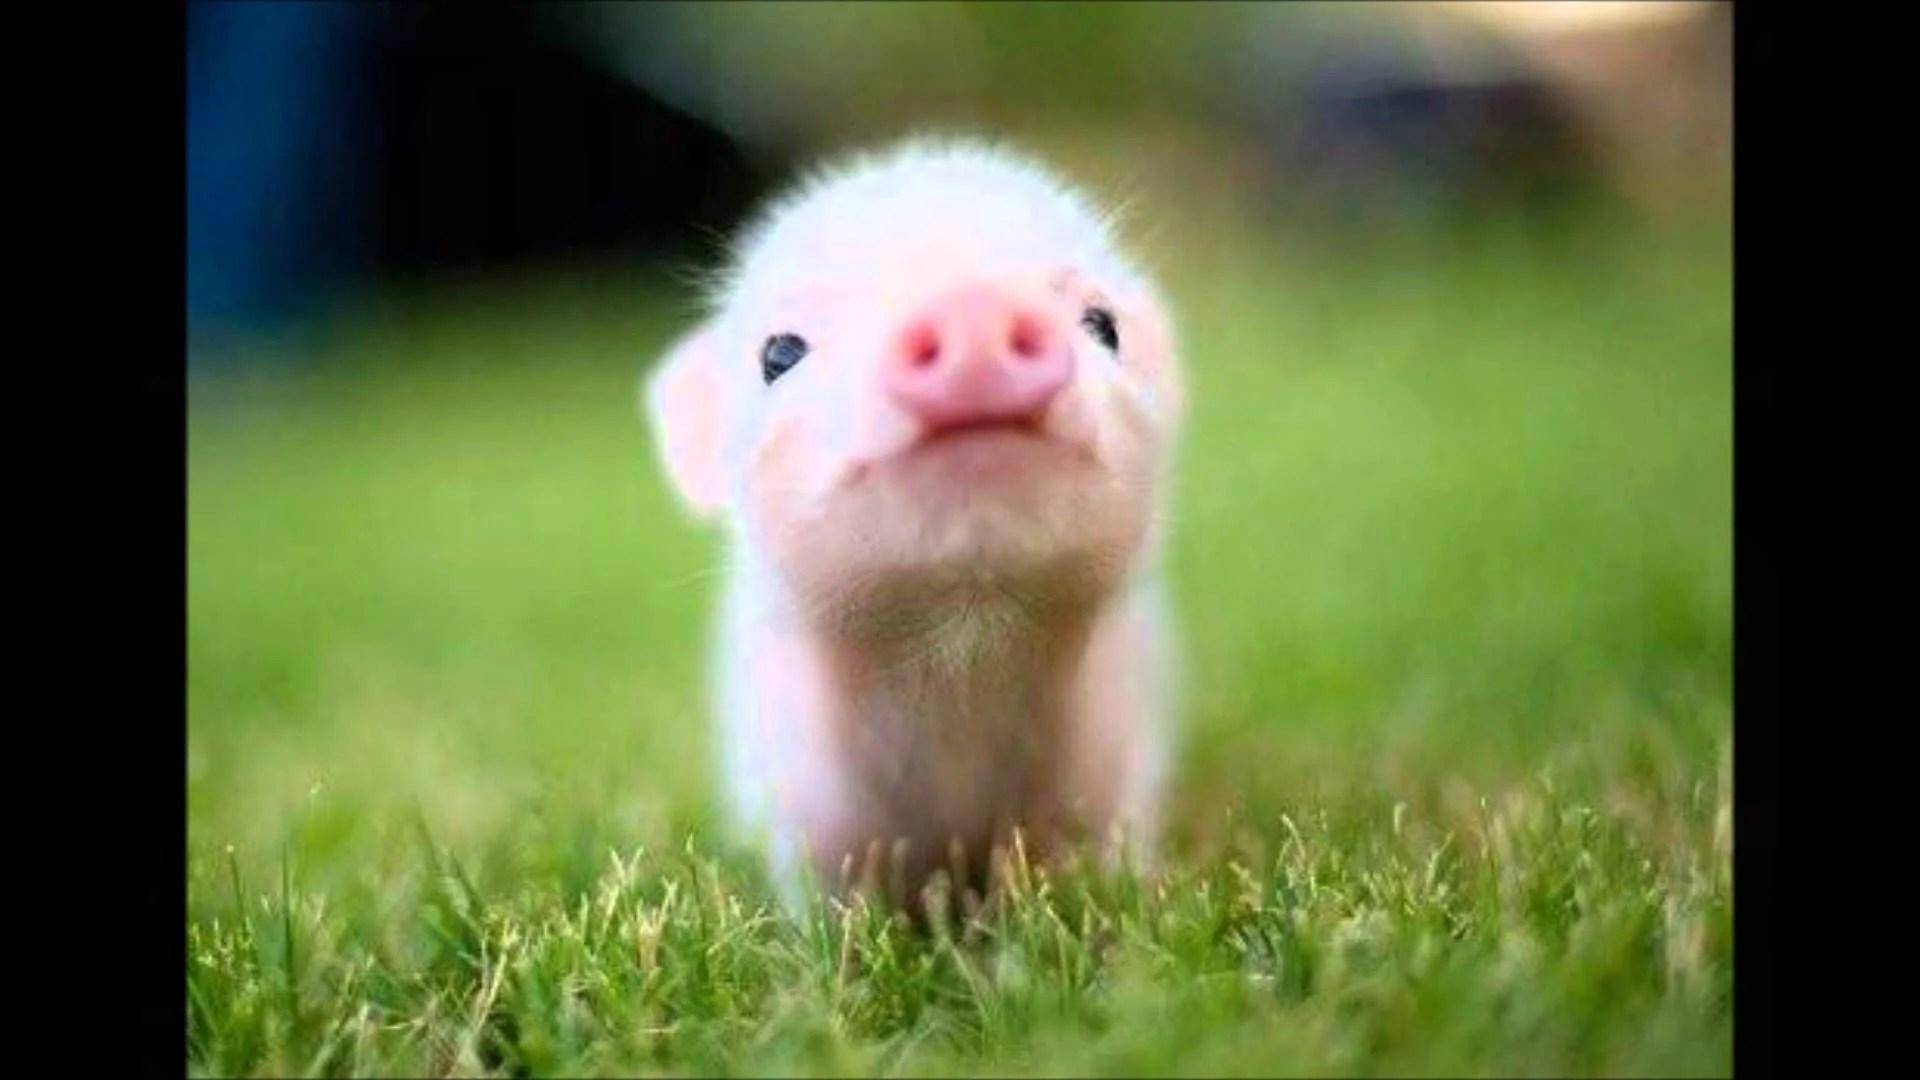 Cute Piglets Wallpaper Leuke Plaatjes Jetenmar Jouwweb Nl